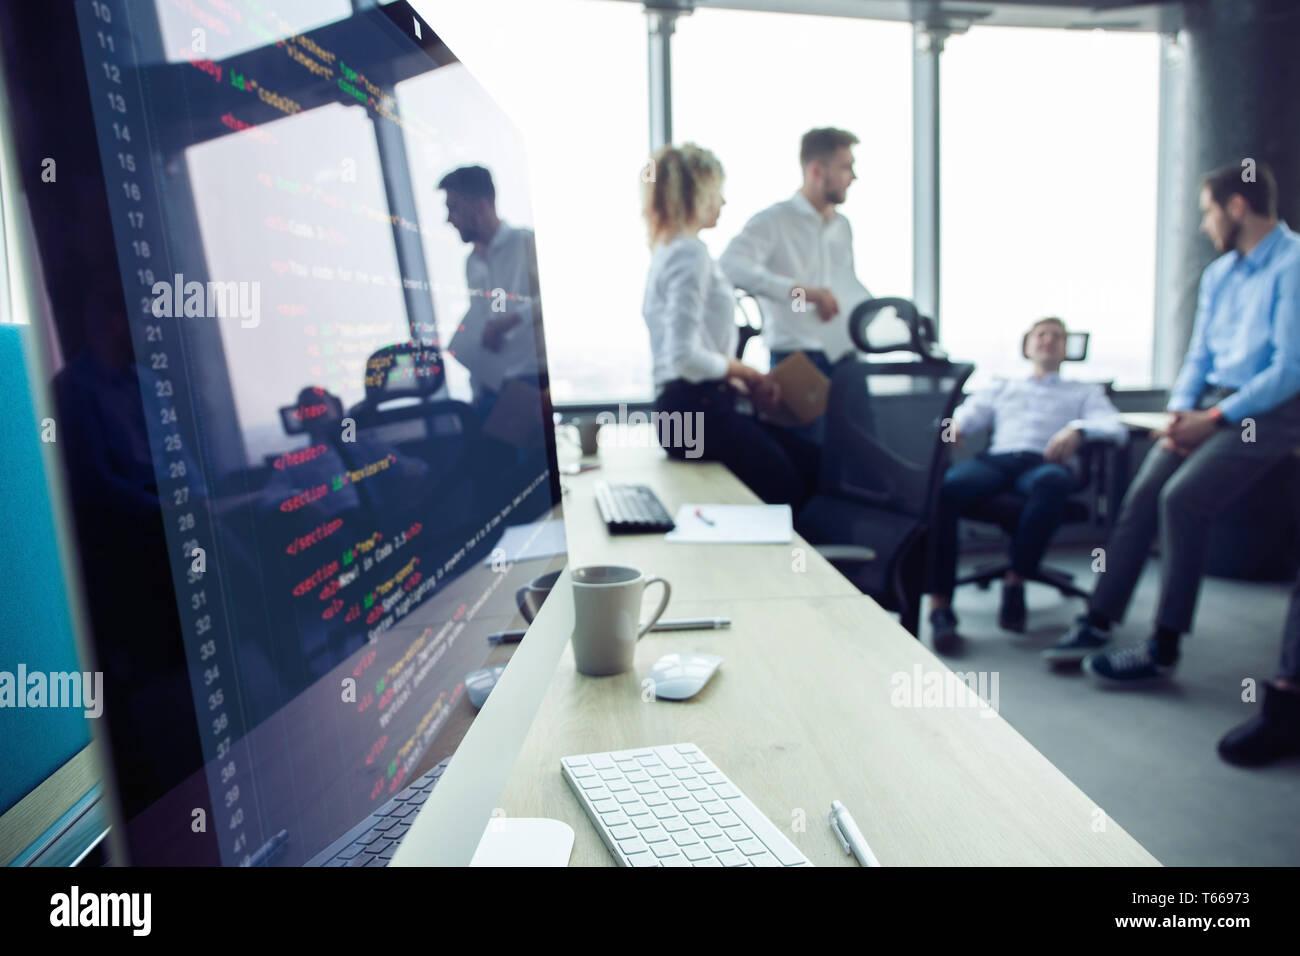 Close-up de travail dans un bureau moderne avec des gens d'affaires derrière. Collègues de travail pour discuter de leurs futurs plans financiers. Banque D'Images